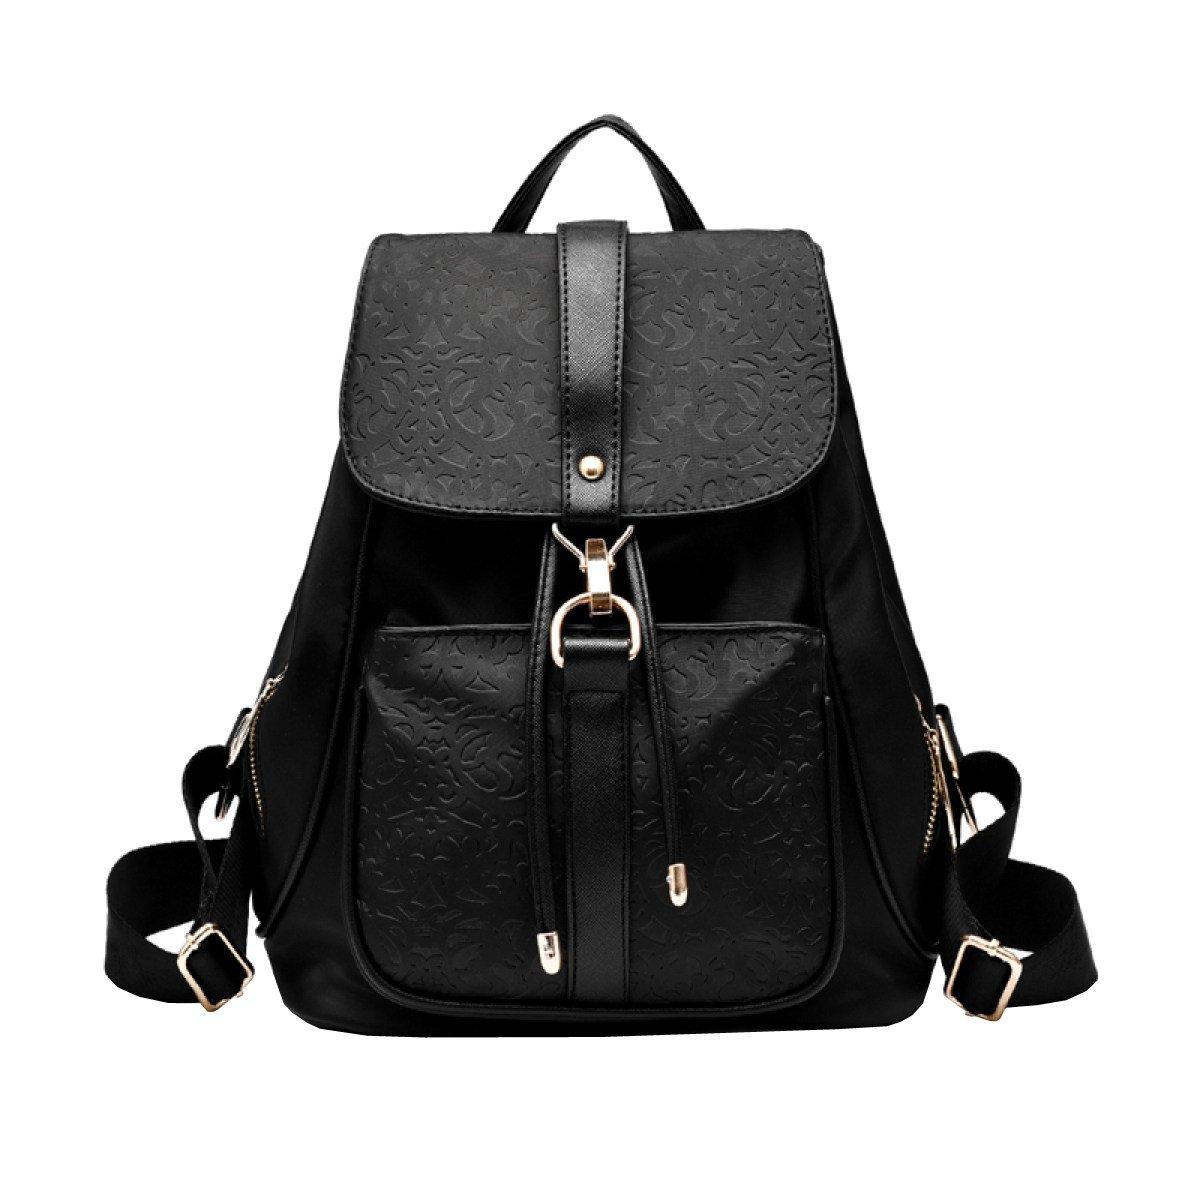 Black One Size LAIDAYE Ladies Shoulder Bag Backpack Travel Bag Waterproof PU Bag Ladies Shoulder Bag